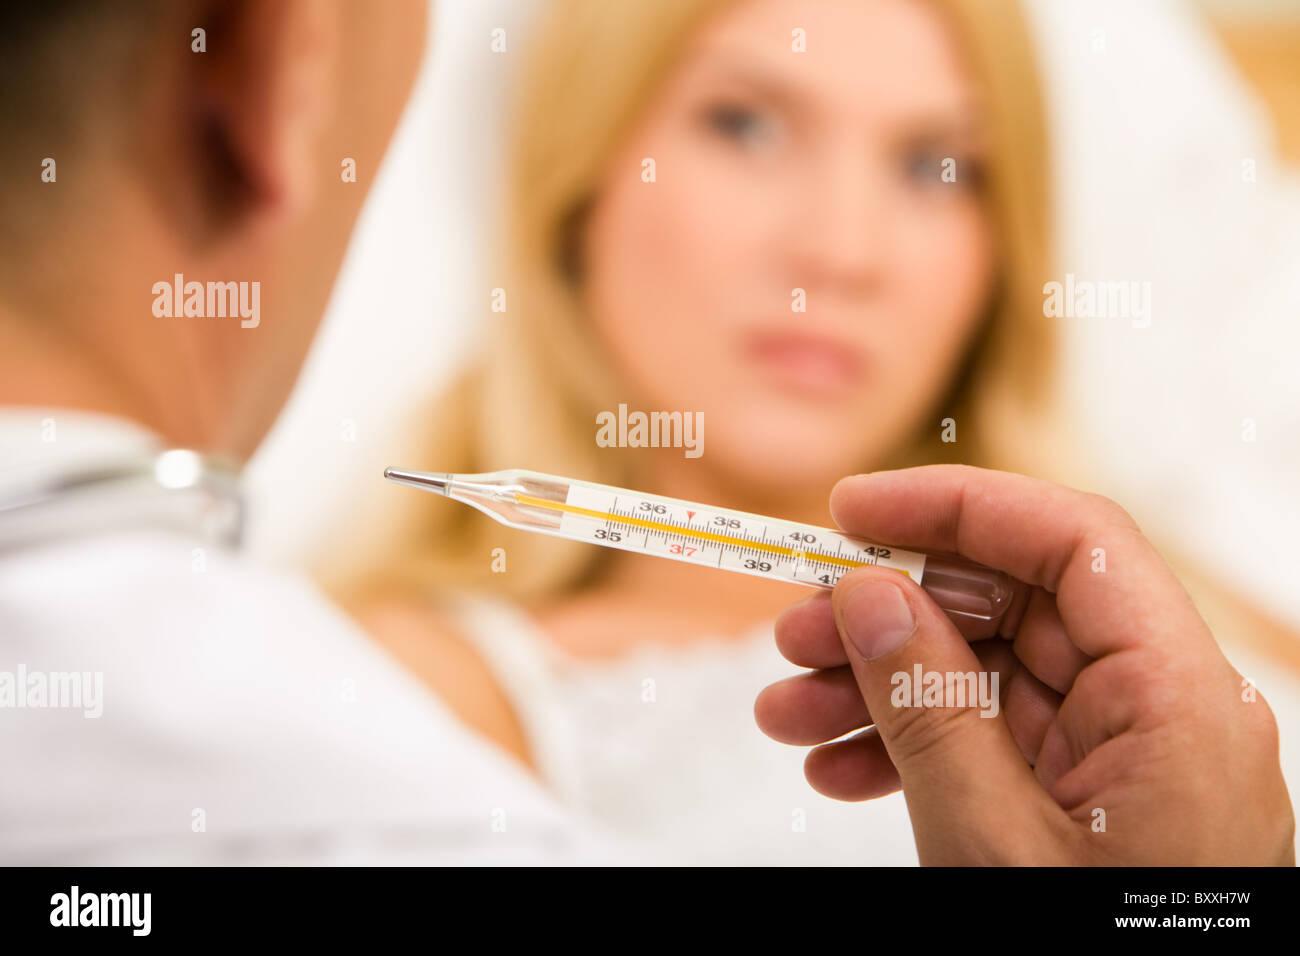 Nahaufnahme des Arztes Hand mit Thermometer mit kranke Frau auf Hintergrund Stockbild